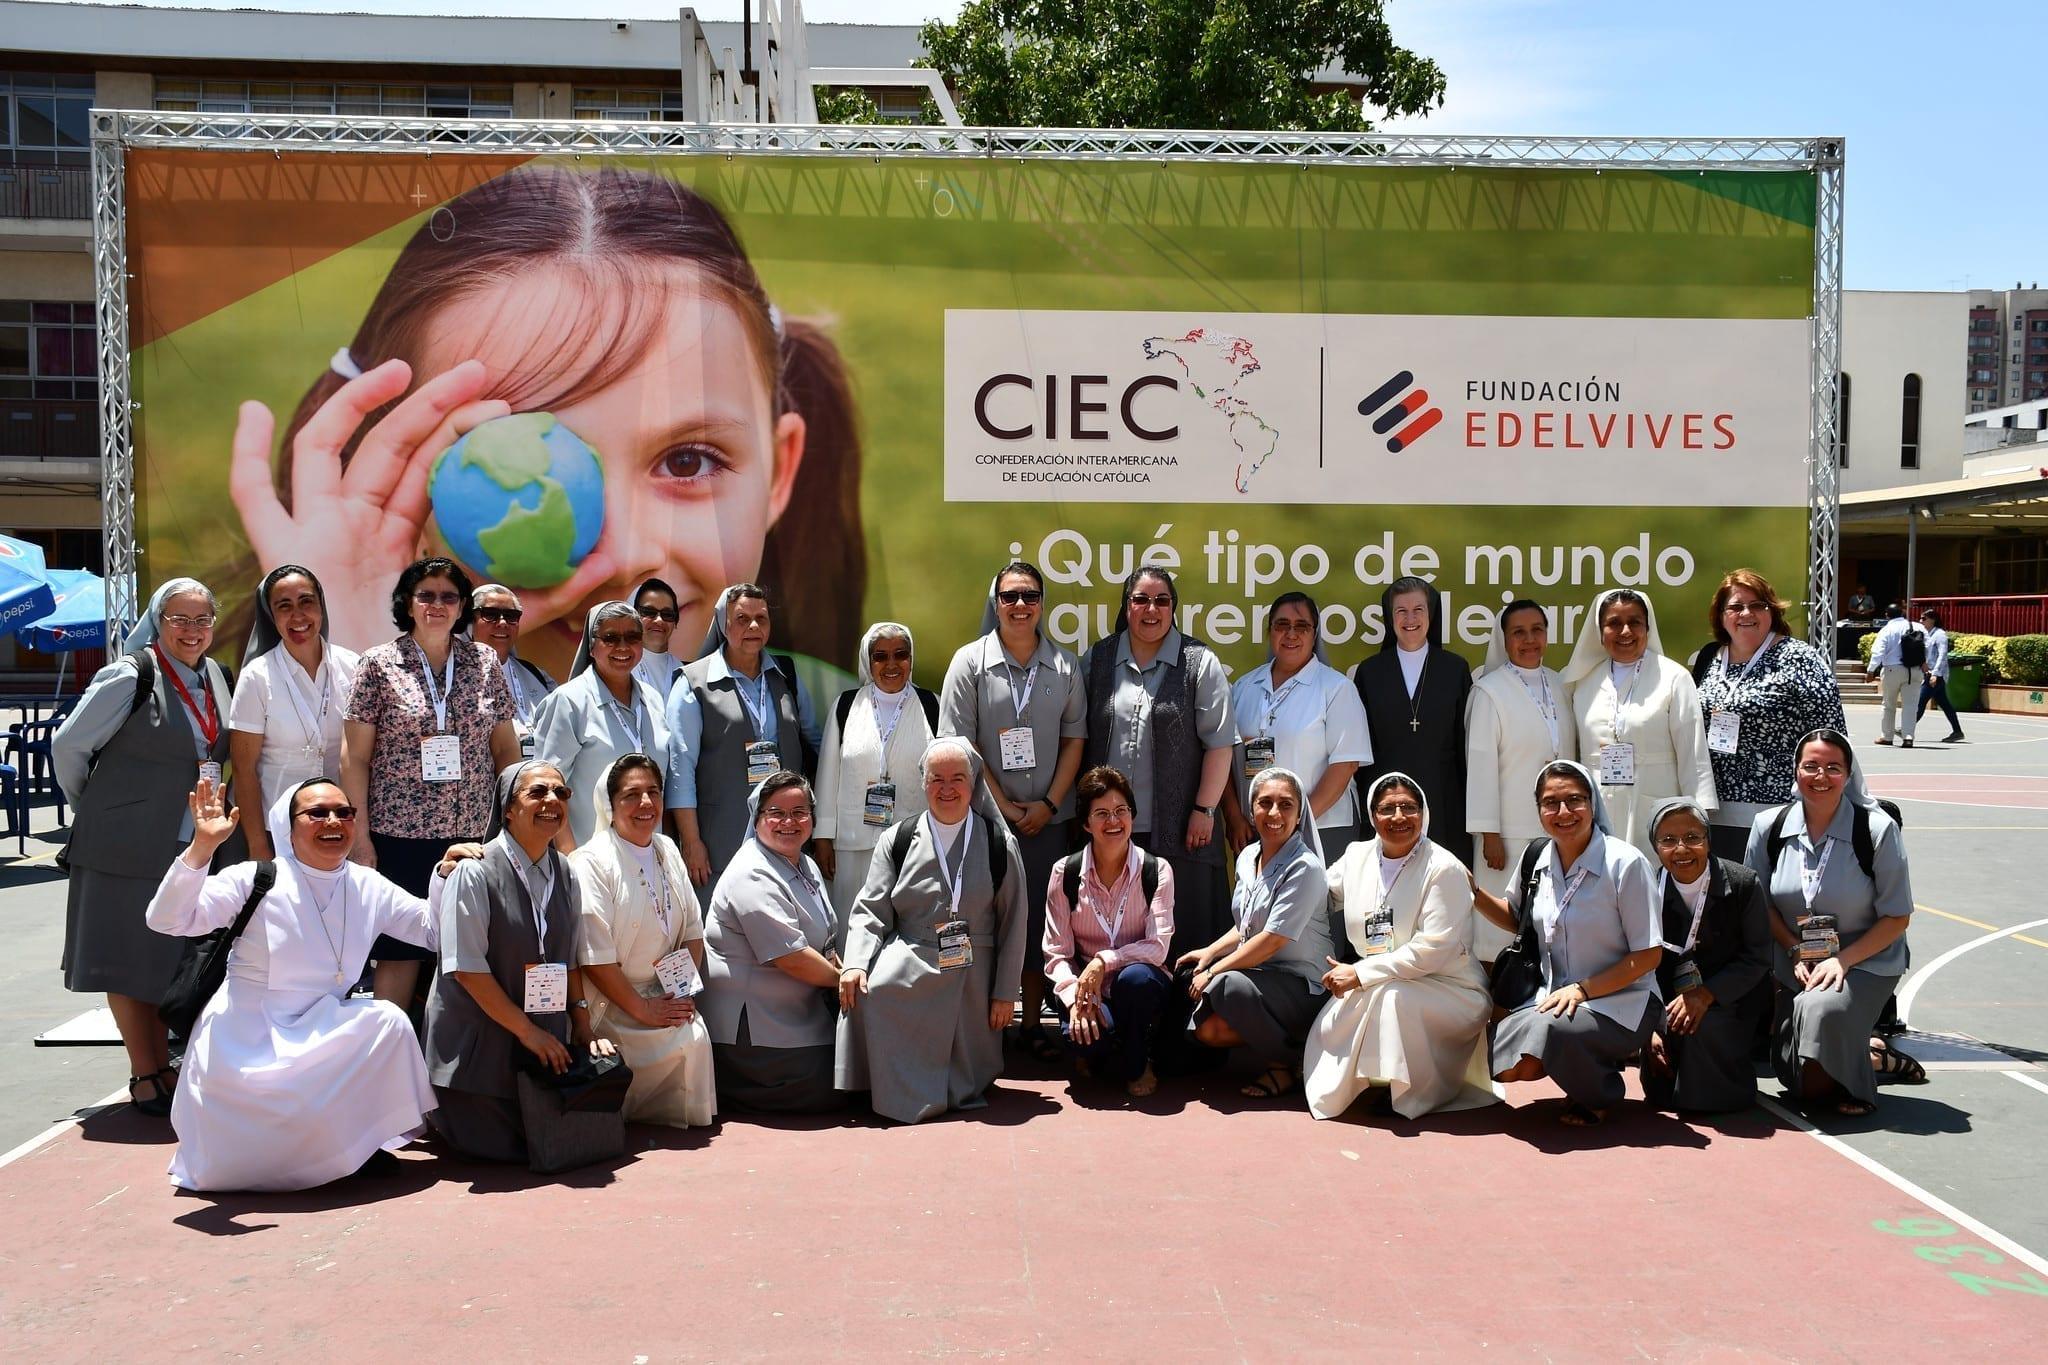 Foto di gruppo FMA Congresso CIEC Cile